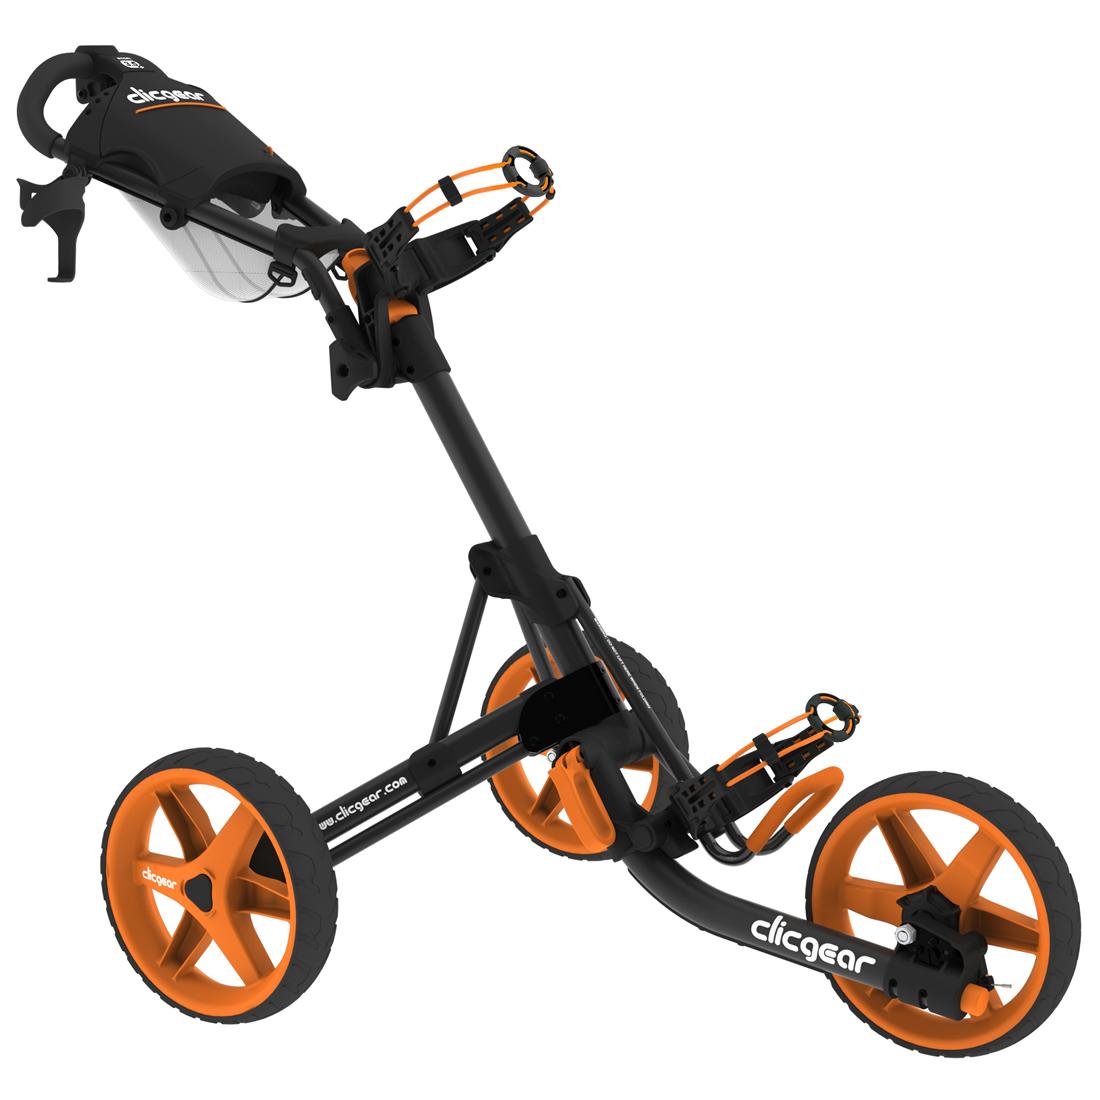 Clicgear 3.5+ 3-Wheel Push Golf Trolley